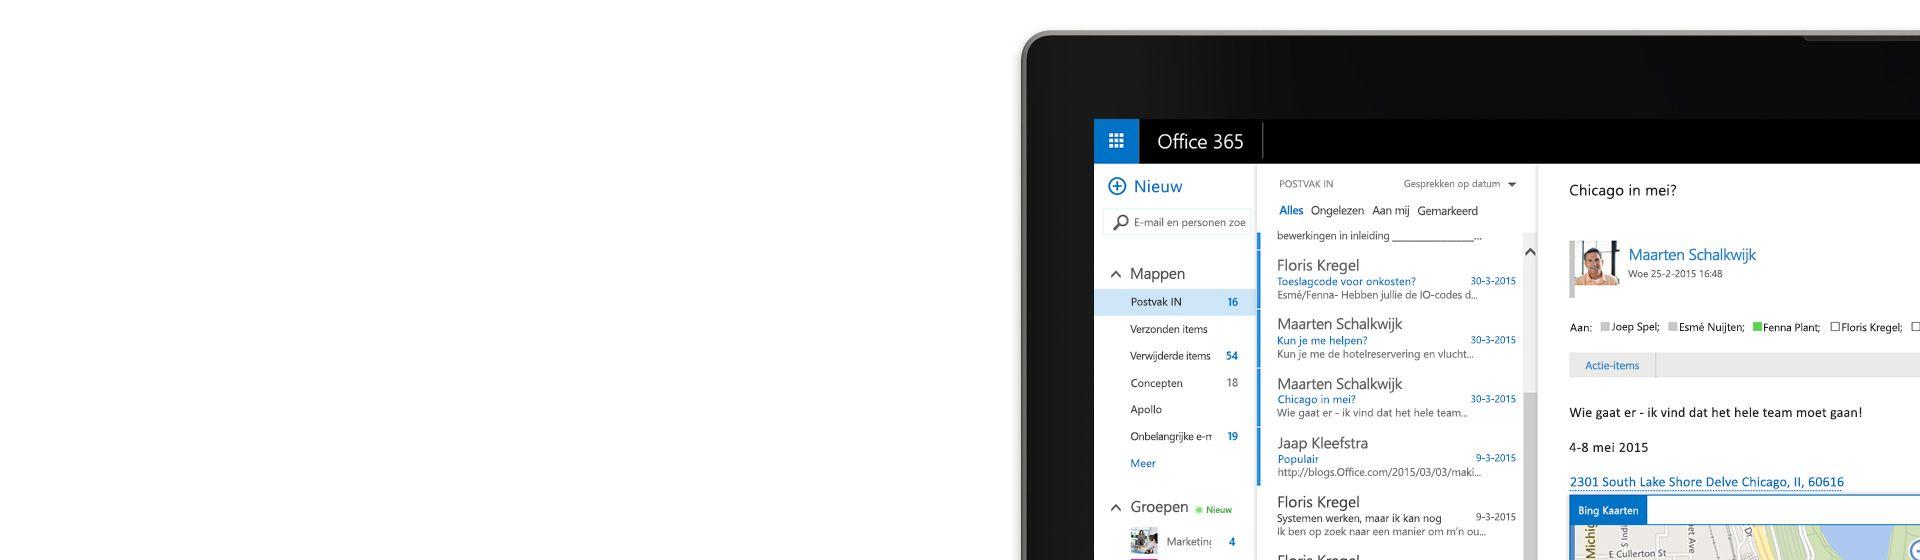 De hoek van een computerscherm met een Postvak In in Office 365